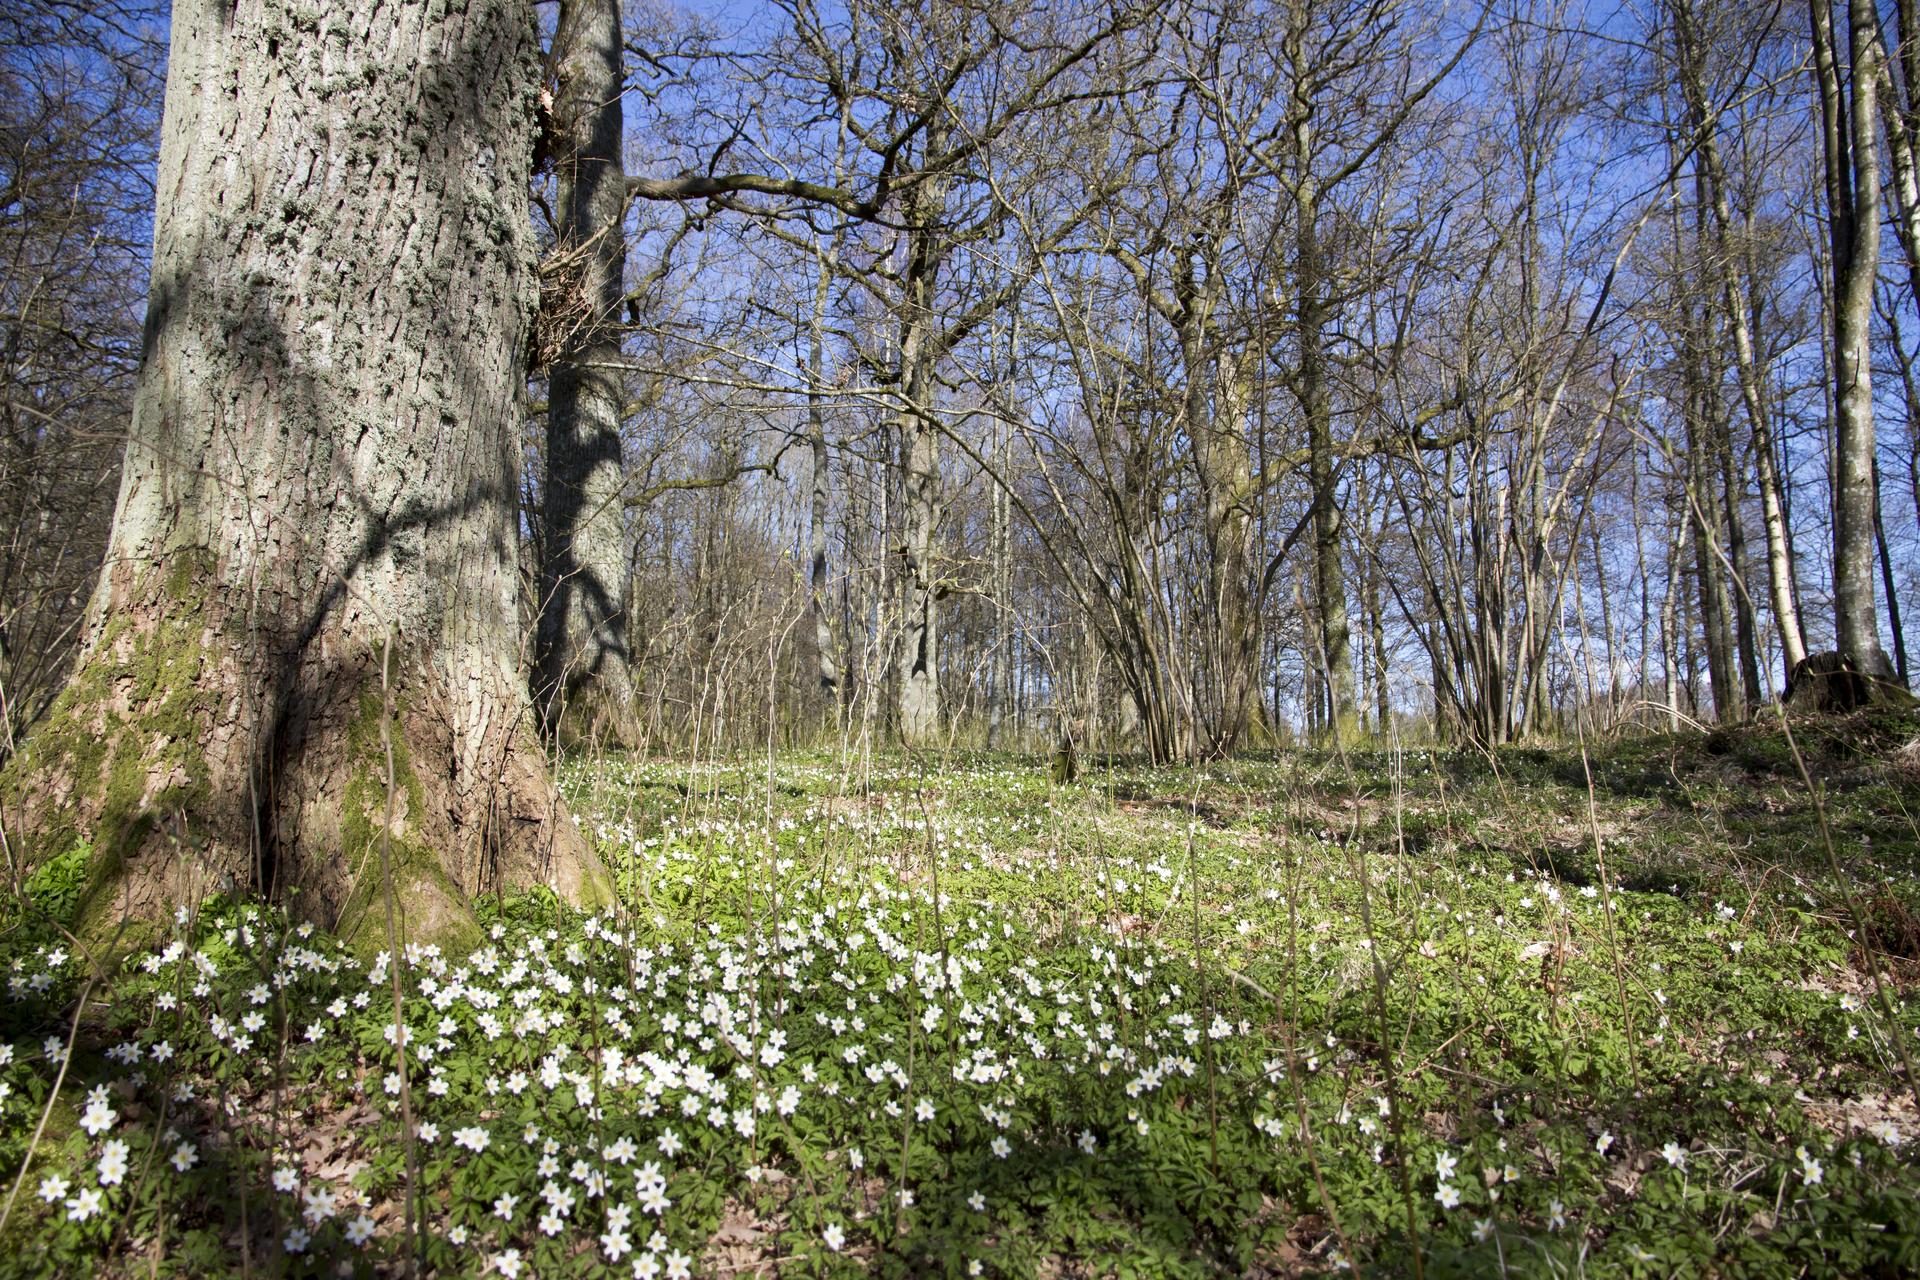 Spring wood anemone forest blue sky . Vitsippor skog blå himmel